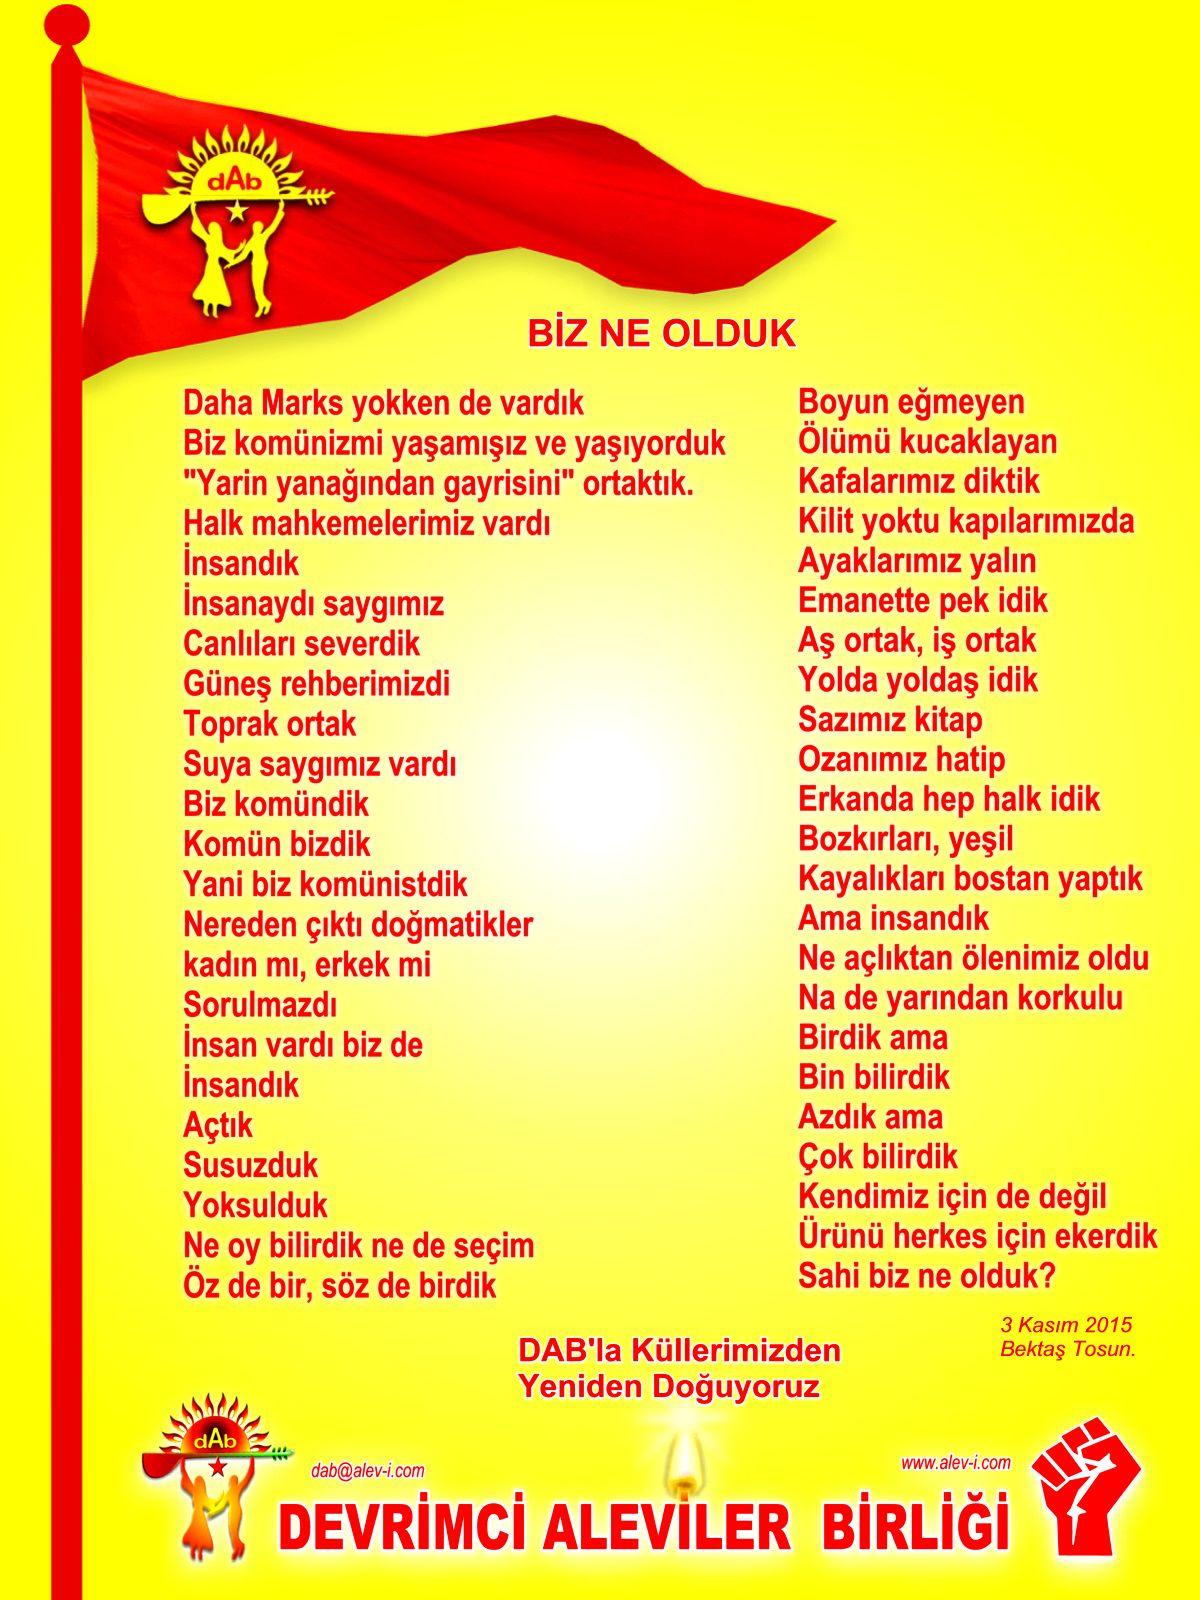 Alevi Bektaşi Kızılbaş Pir Sultan Devrimci Aleviler Birliği DAB DAB bayrak bektas tosun